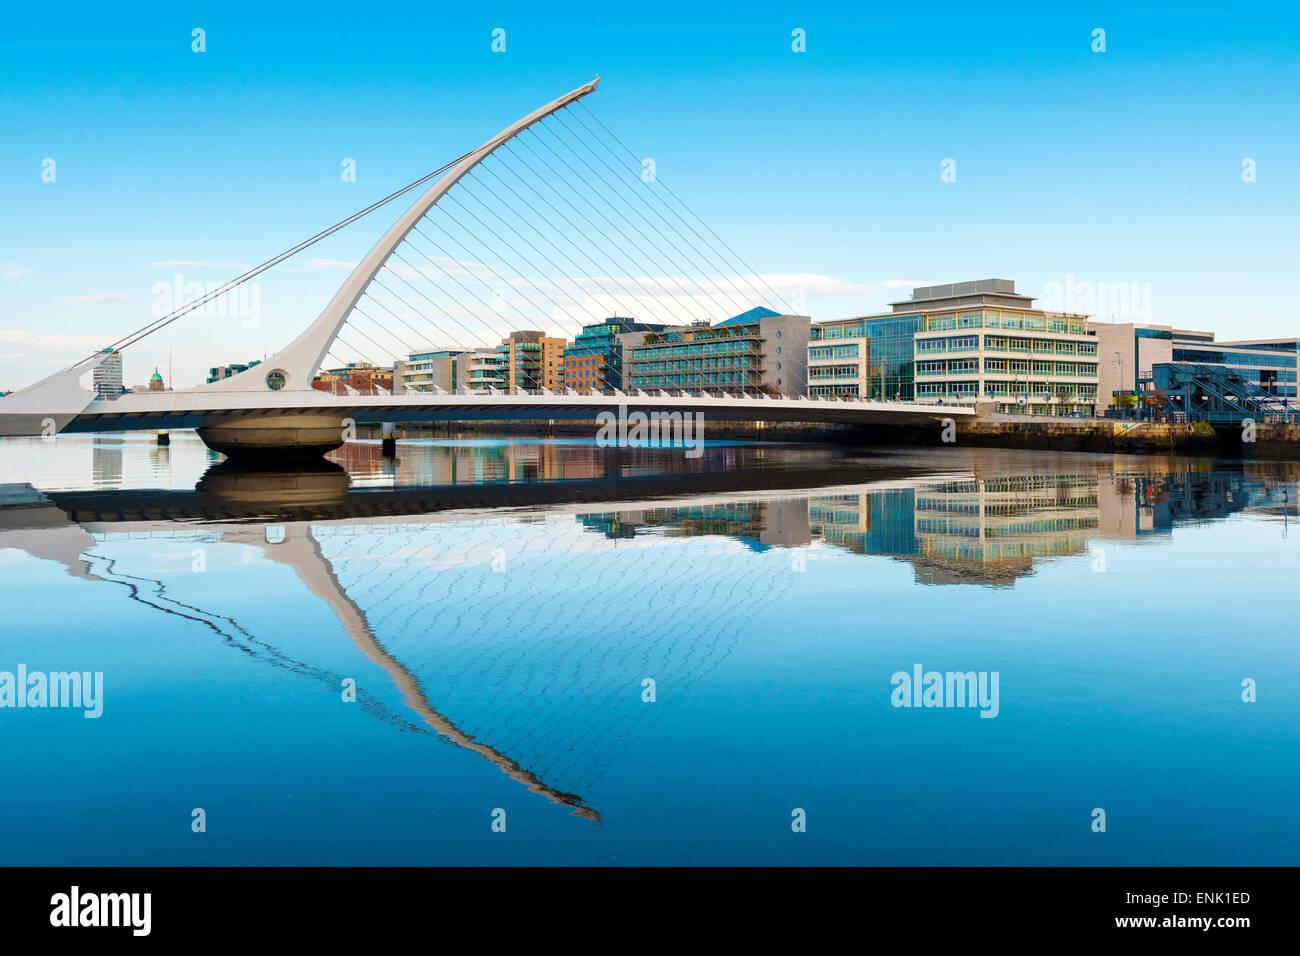 Samuel Beckett Brücke über den Fluss Liffey, Dublin, County Dublin, Republik Irland, Europa Stockbild